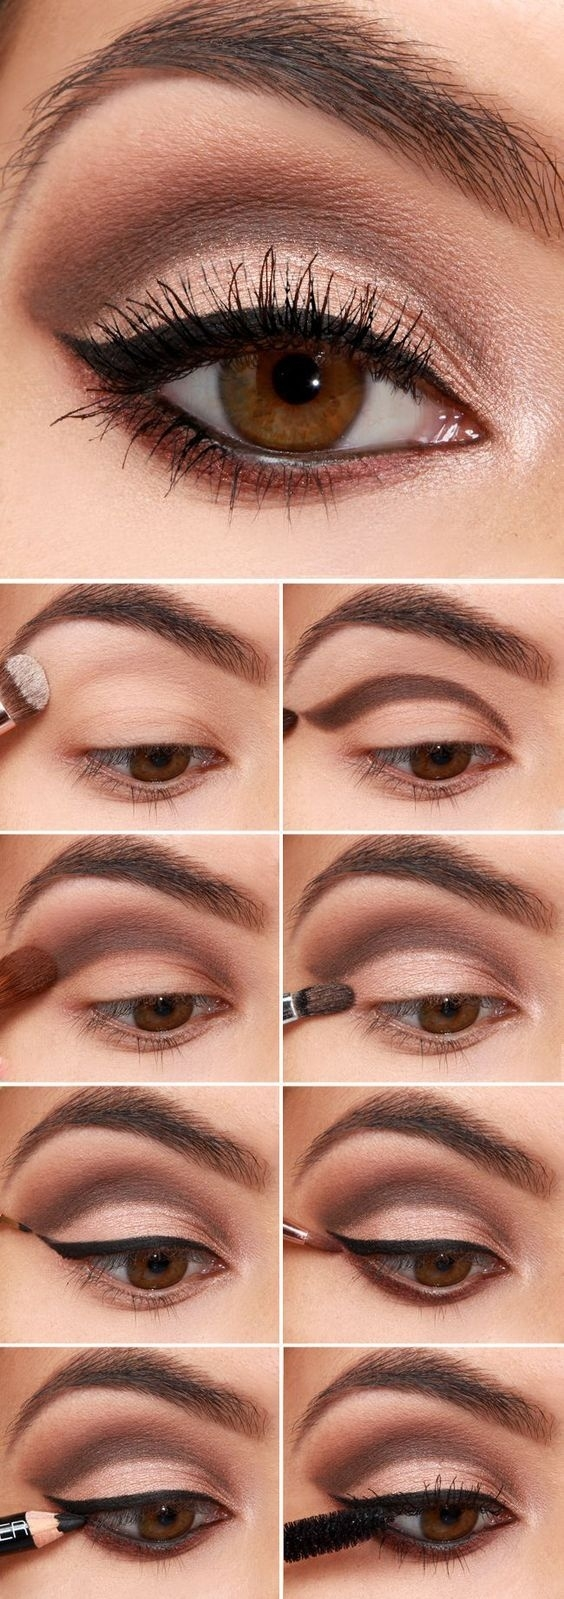 32 Easy Step By Step Eyeshadow Tutorials For Beginners | Makeup regarding Step By Step Eyeshadow Makeup